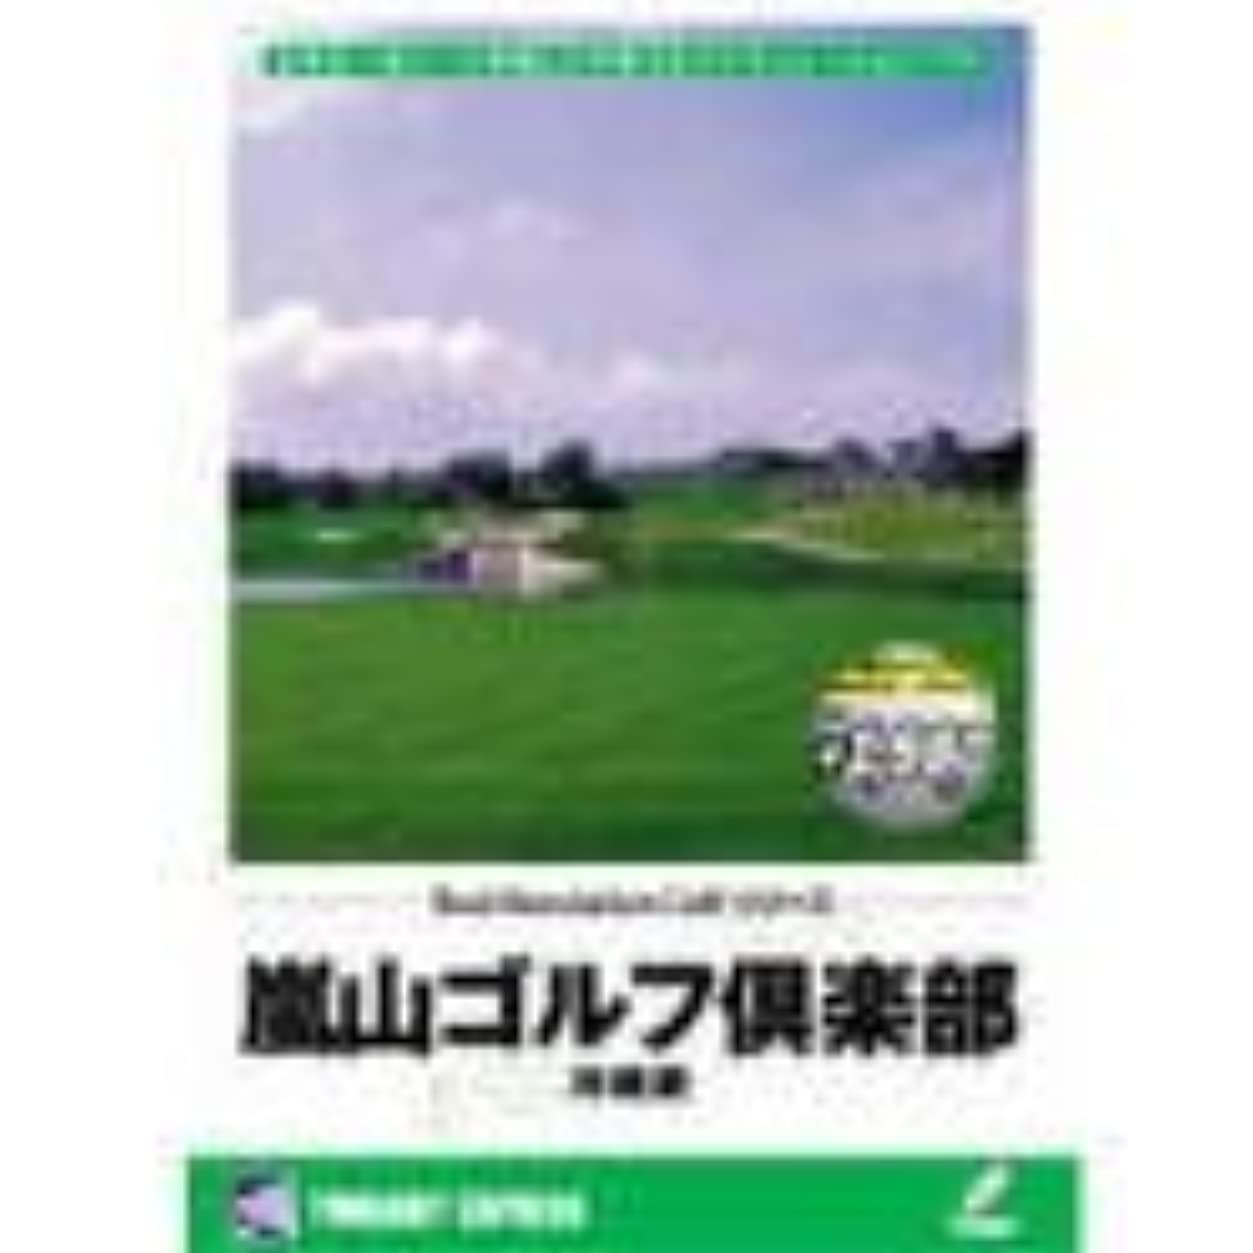 ペリスコープ壁ブランド名リアルシミュレーションゴルフシリーズ 国内コース 11 嵐山ゴルフ倶楽部 沖縄県